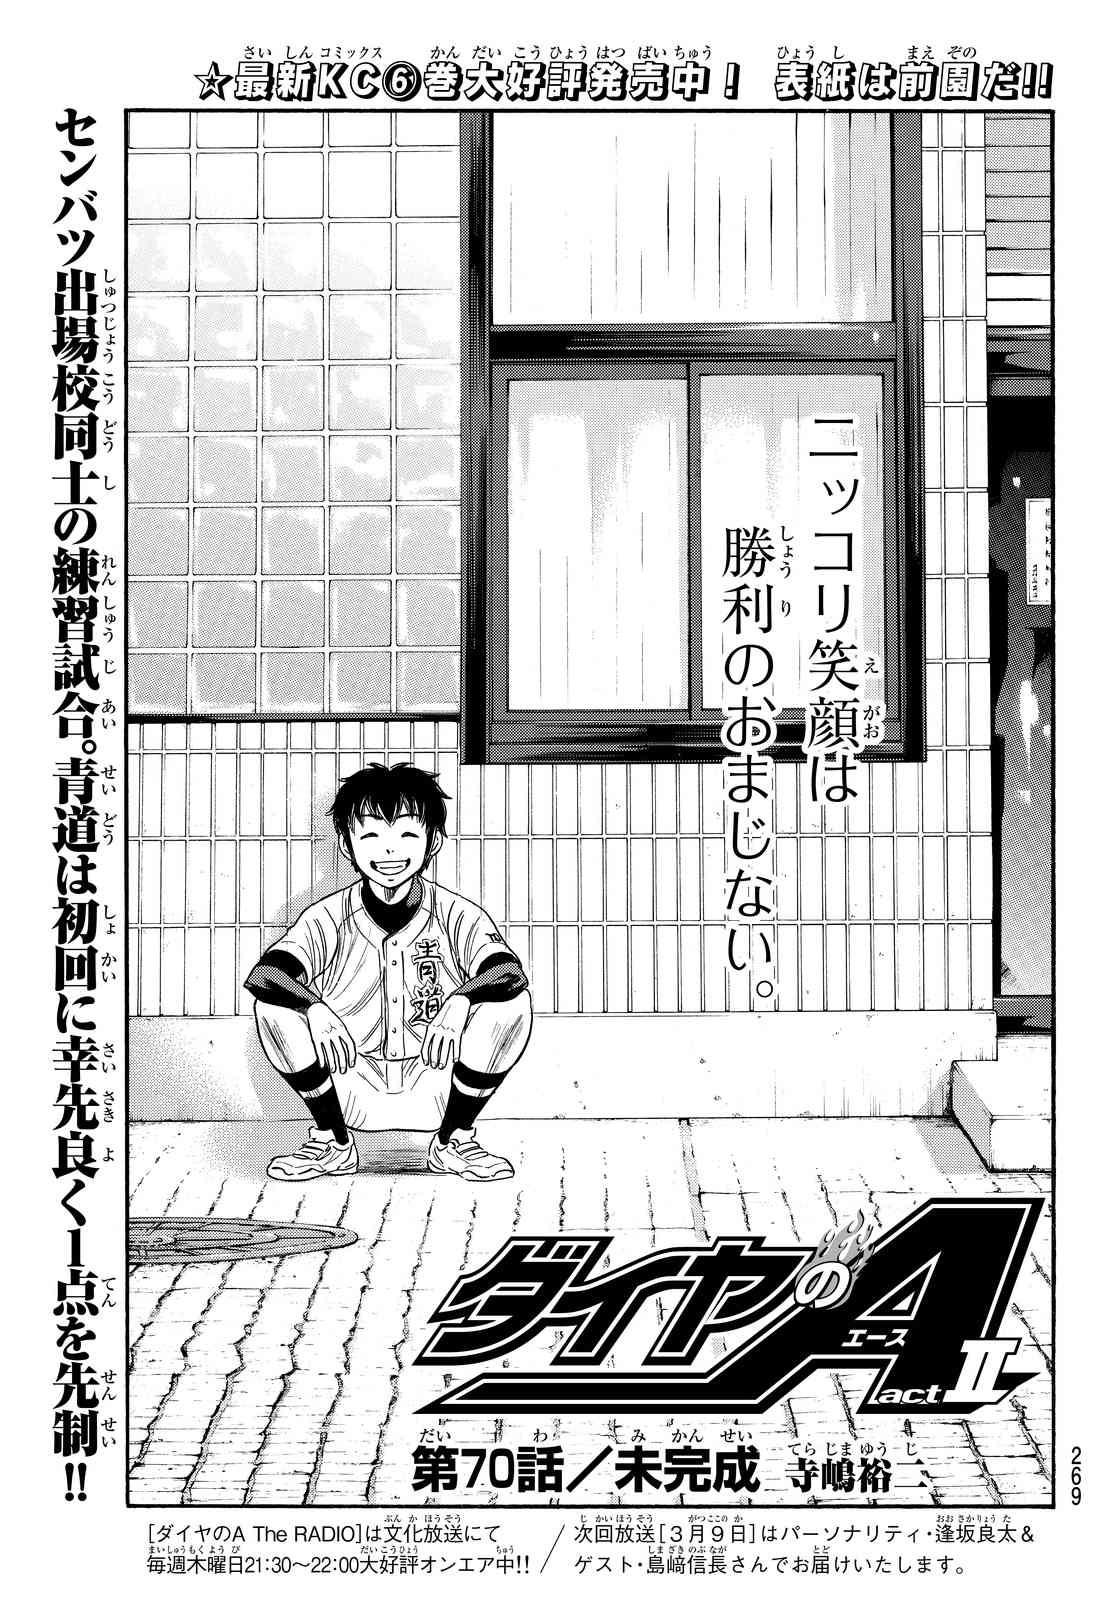 Daiya no A Act II - Chapter 070 - Page 1